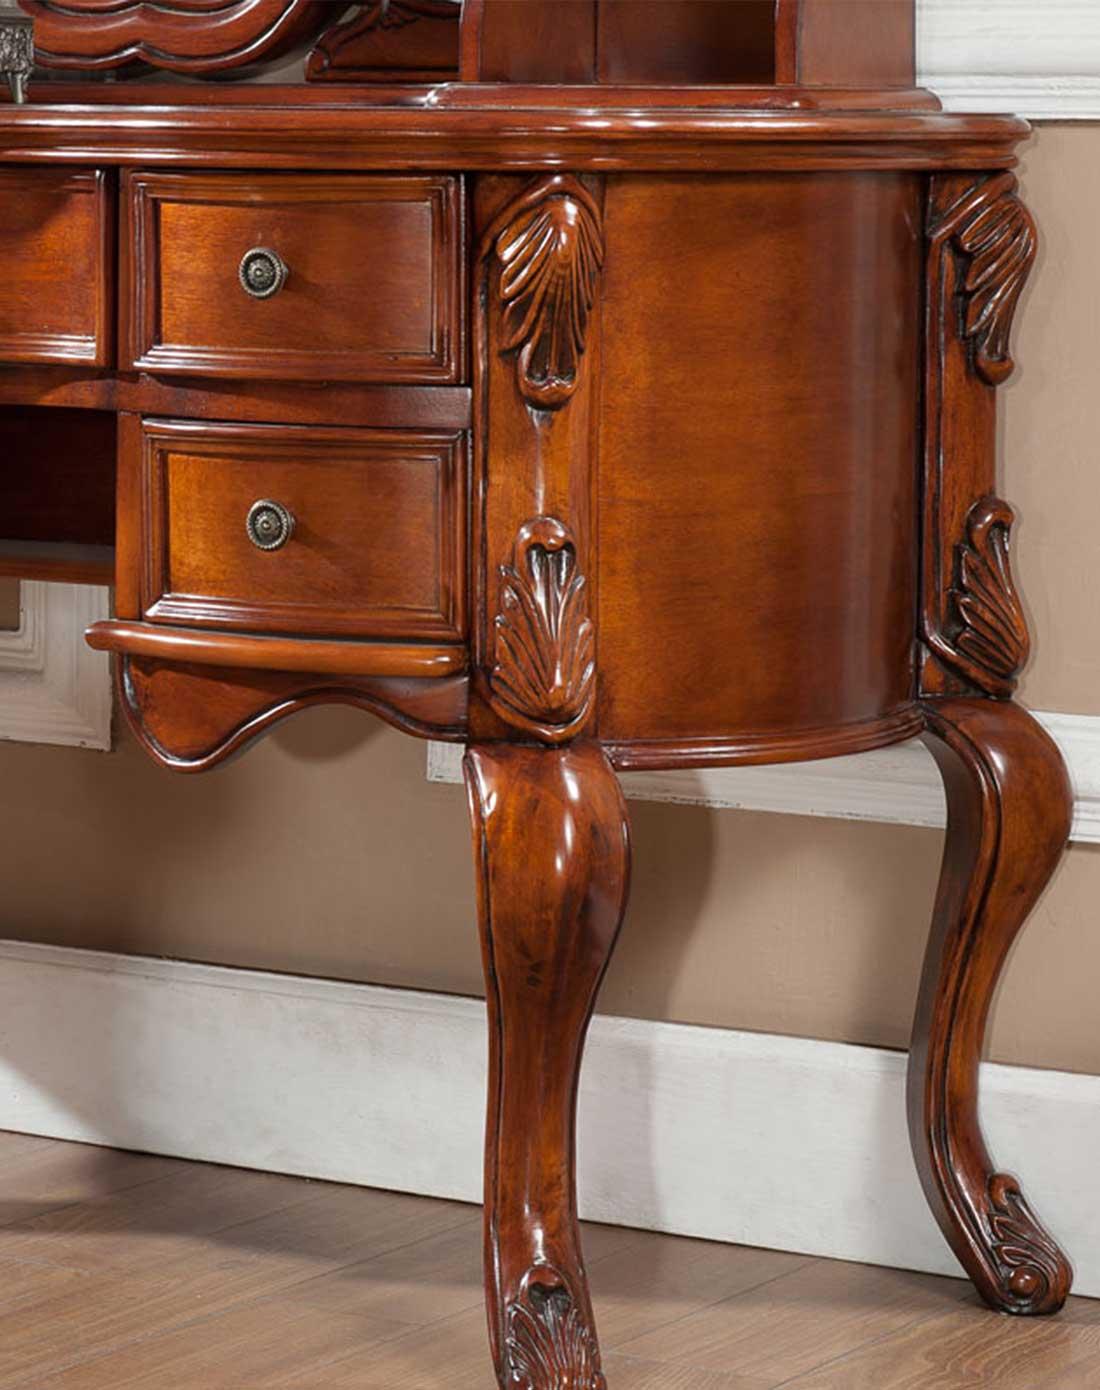 实木雕刻梳妆台组合 限量版